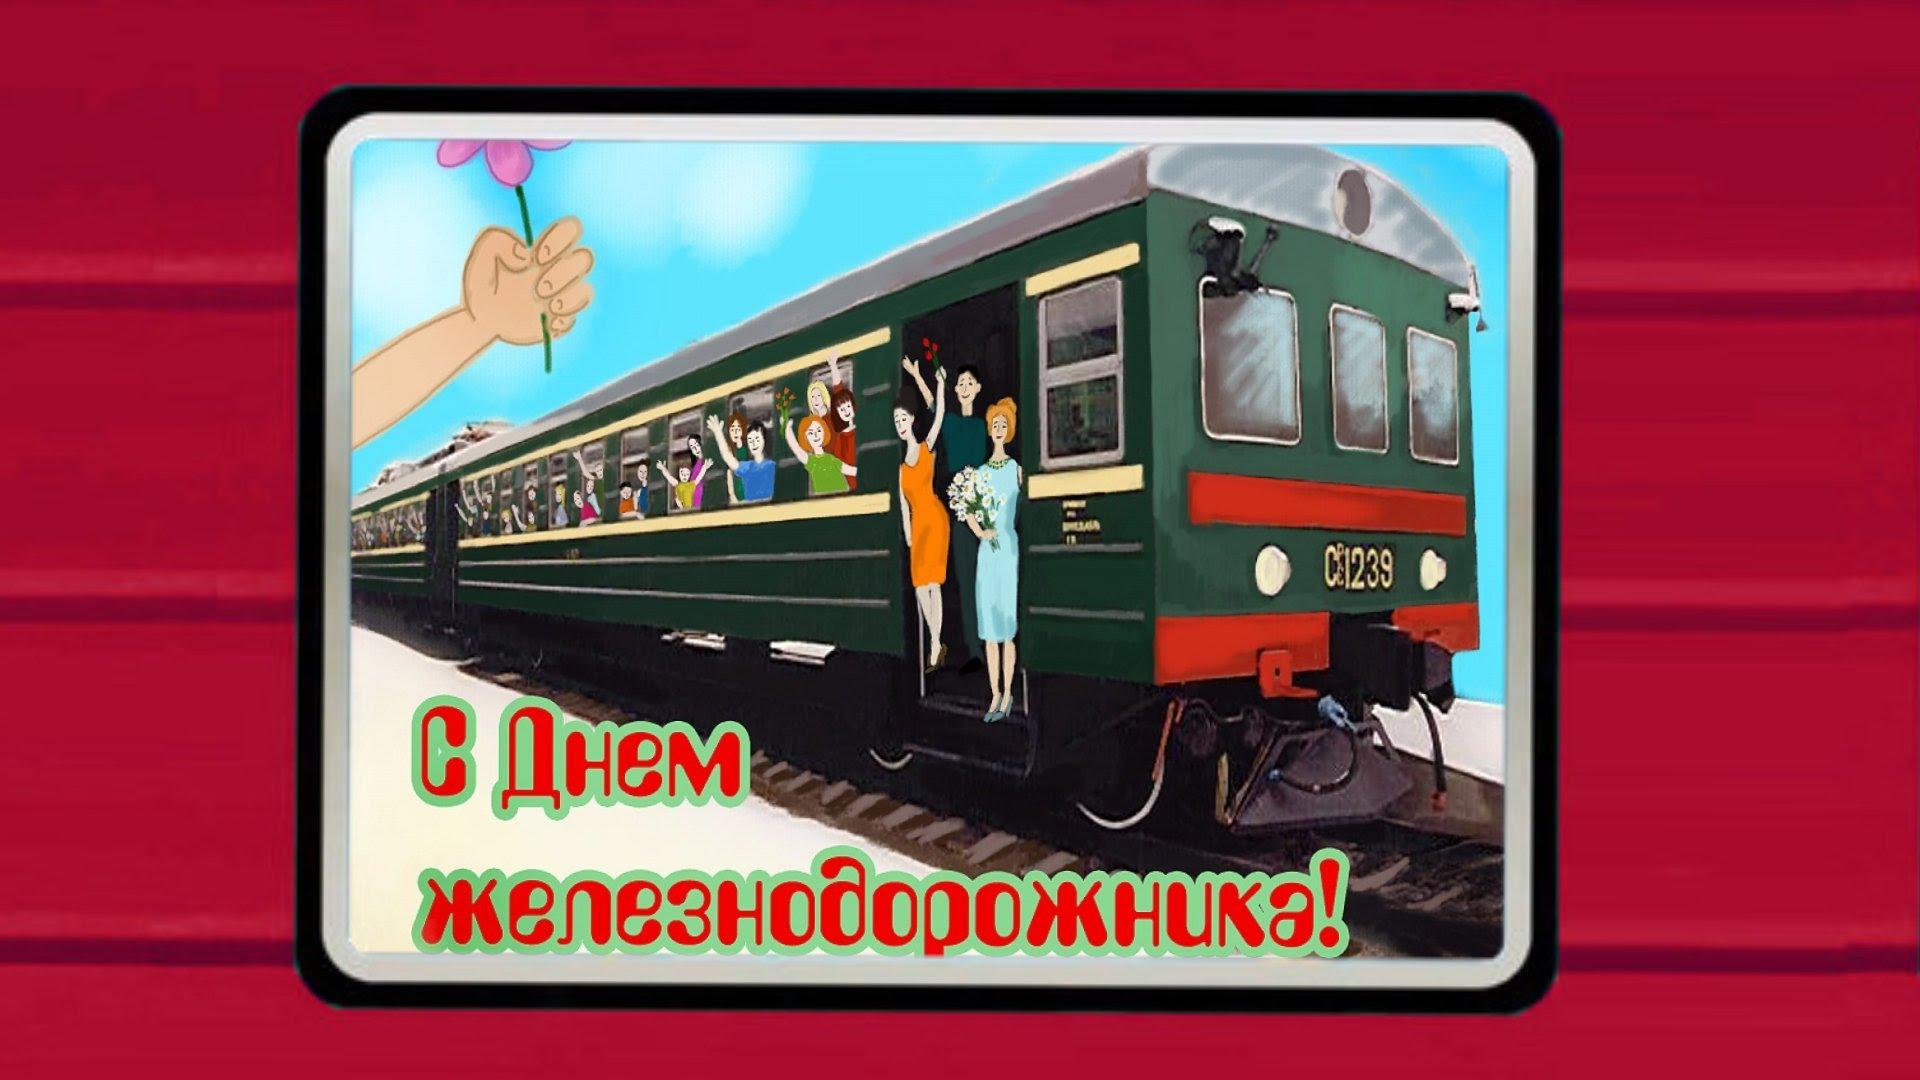 Поздравление с днем железнодорожника для путейцев